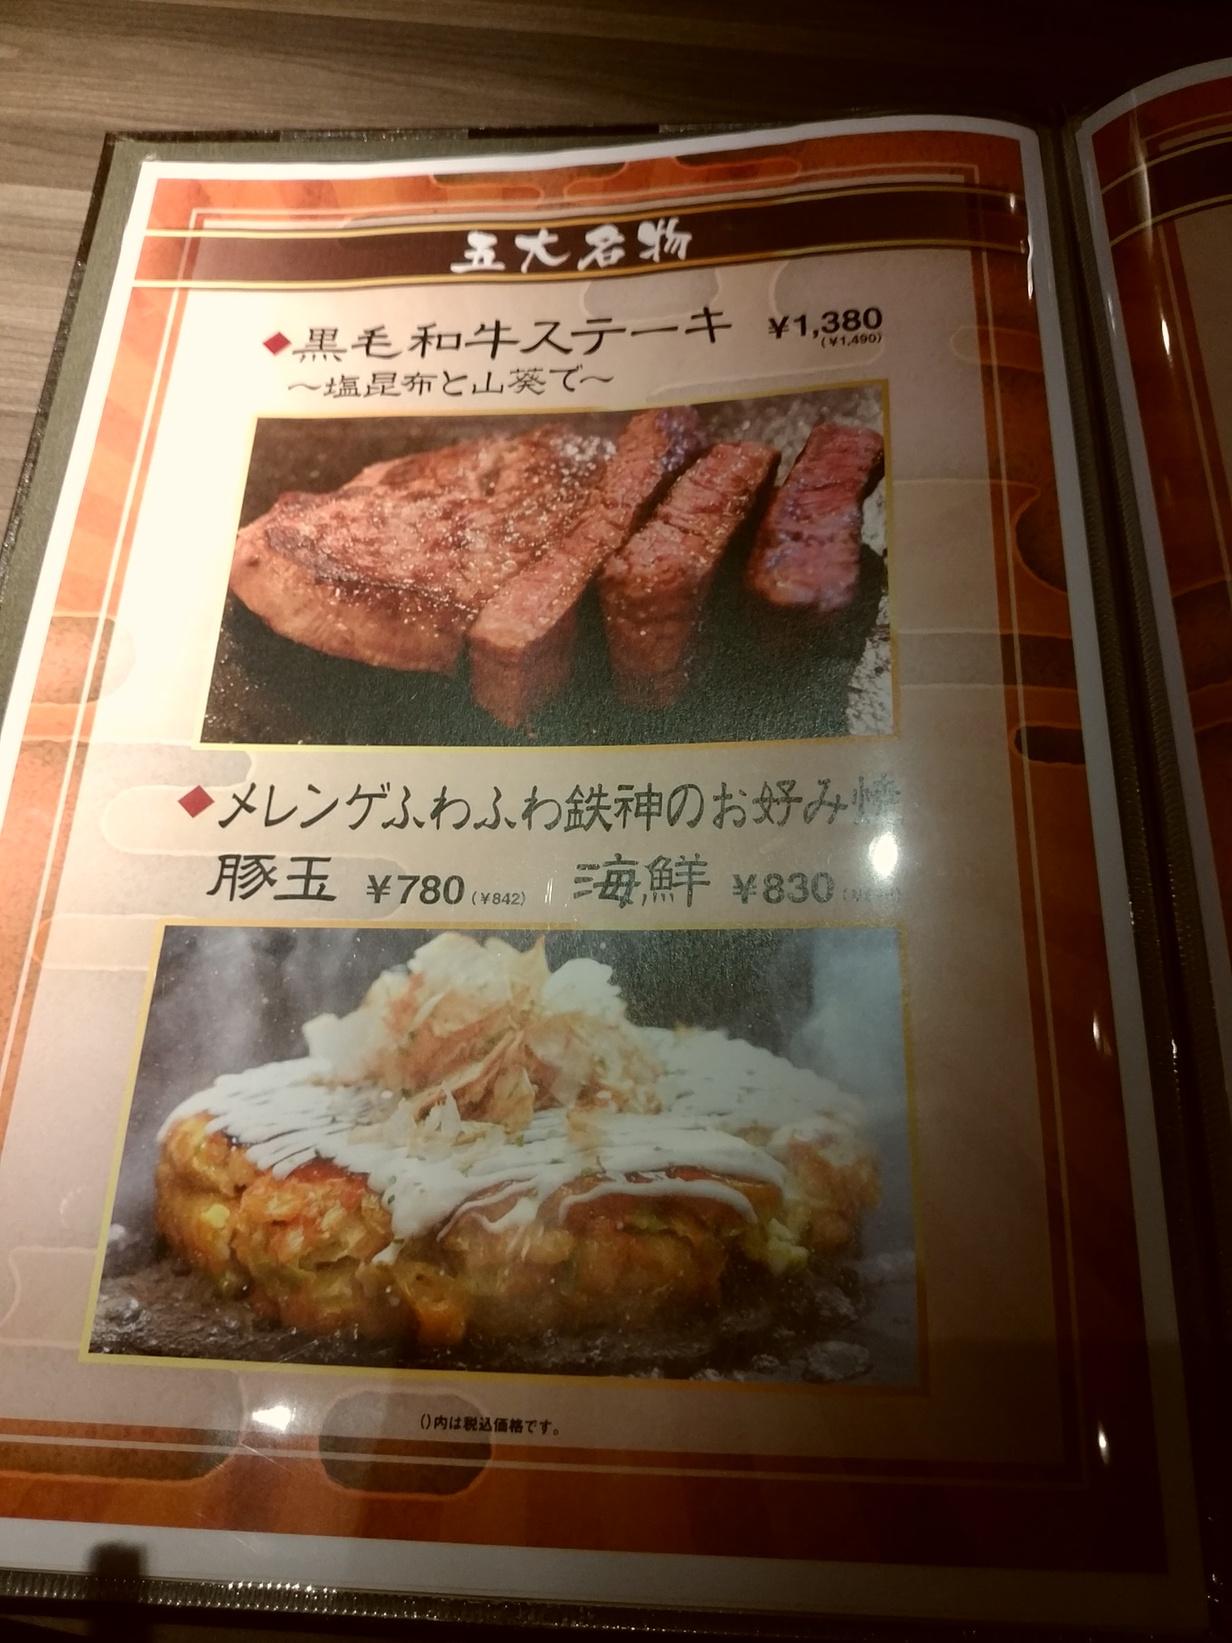 鉄神 四日市駅前店